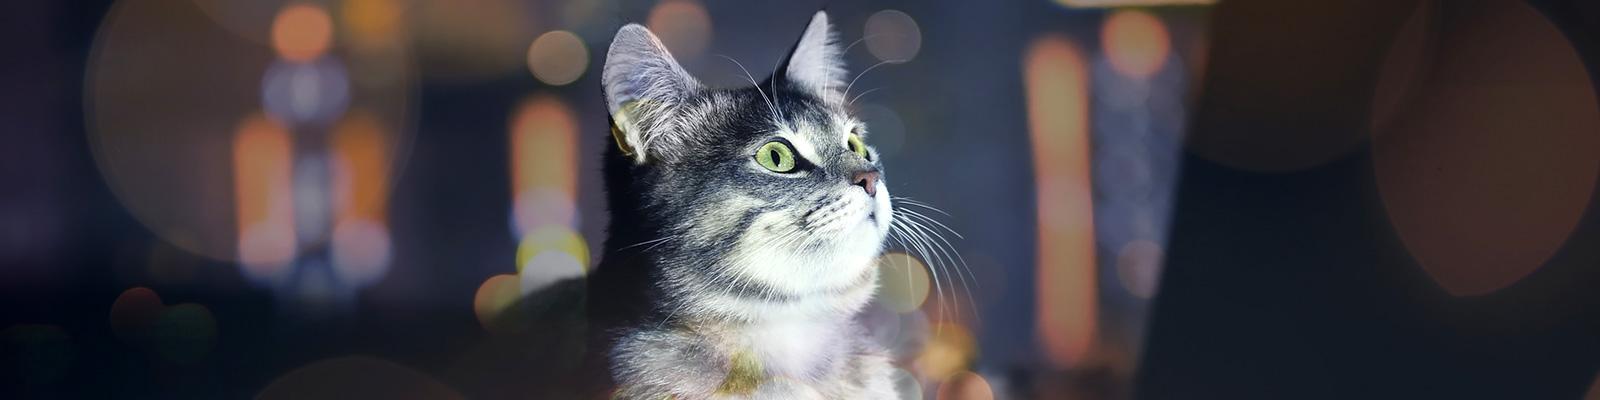 猫 ネットワーク イメージ